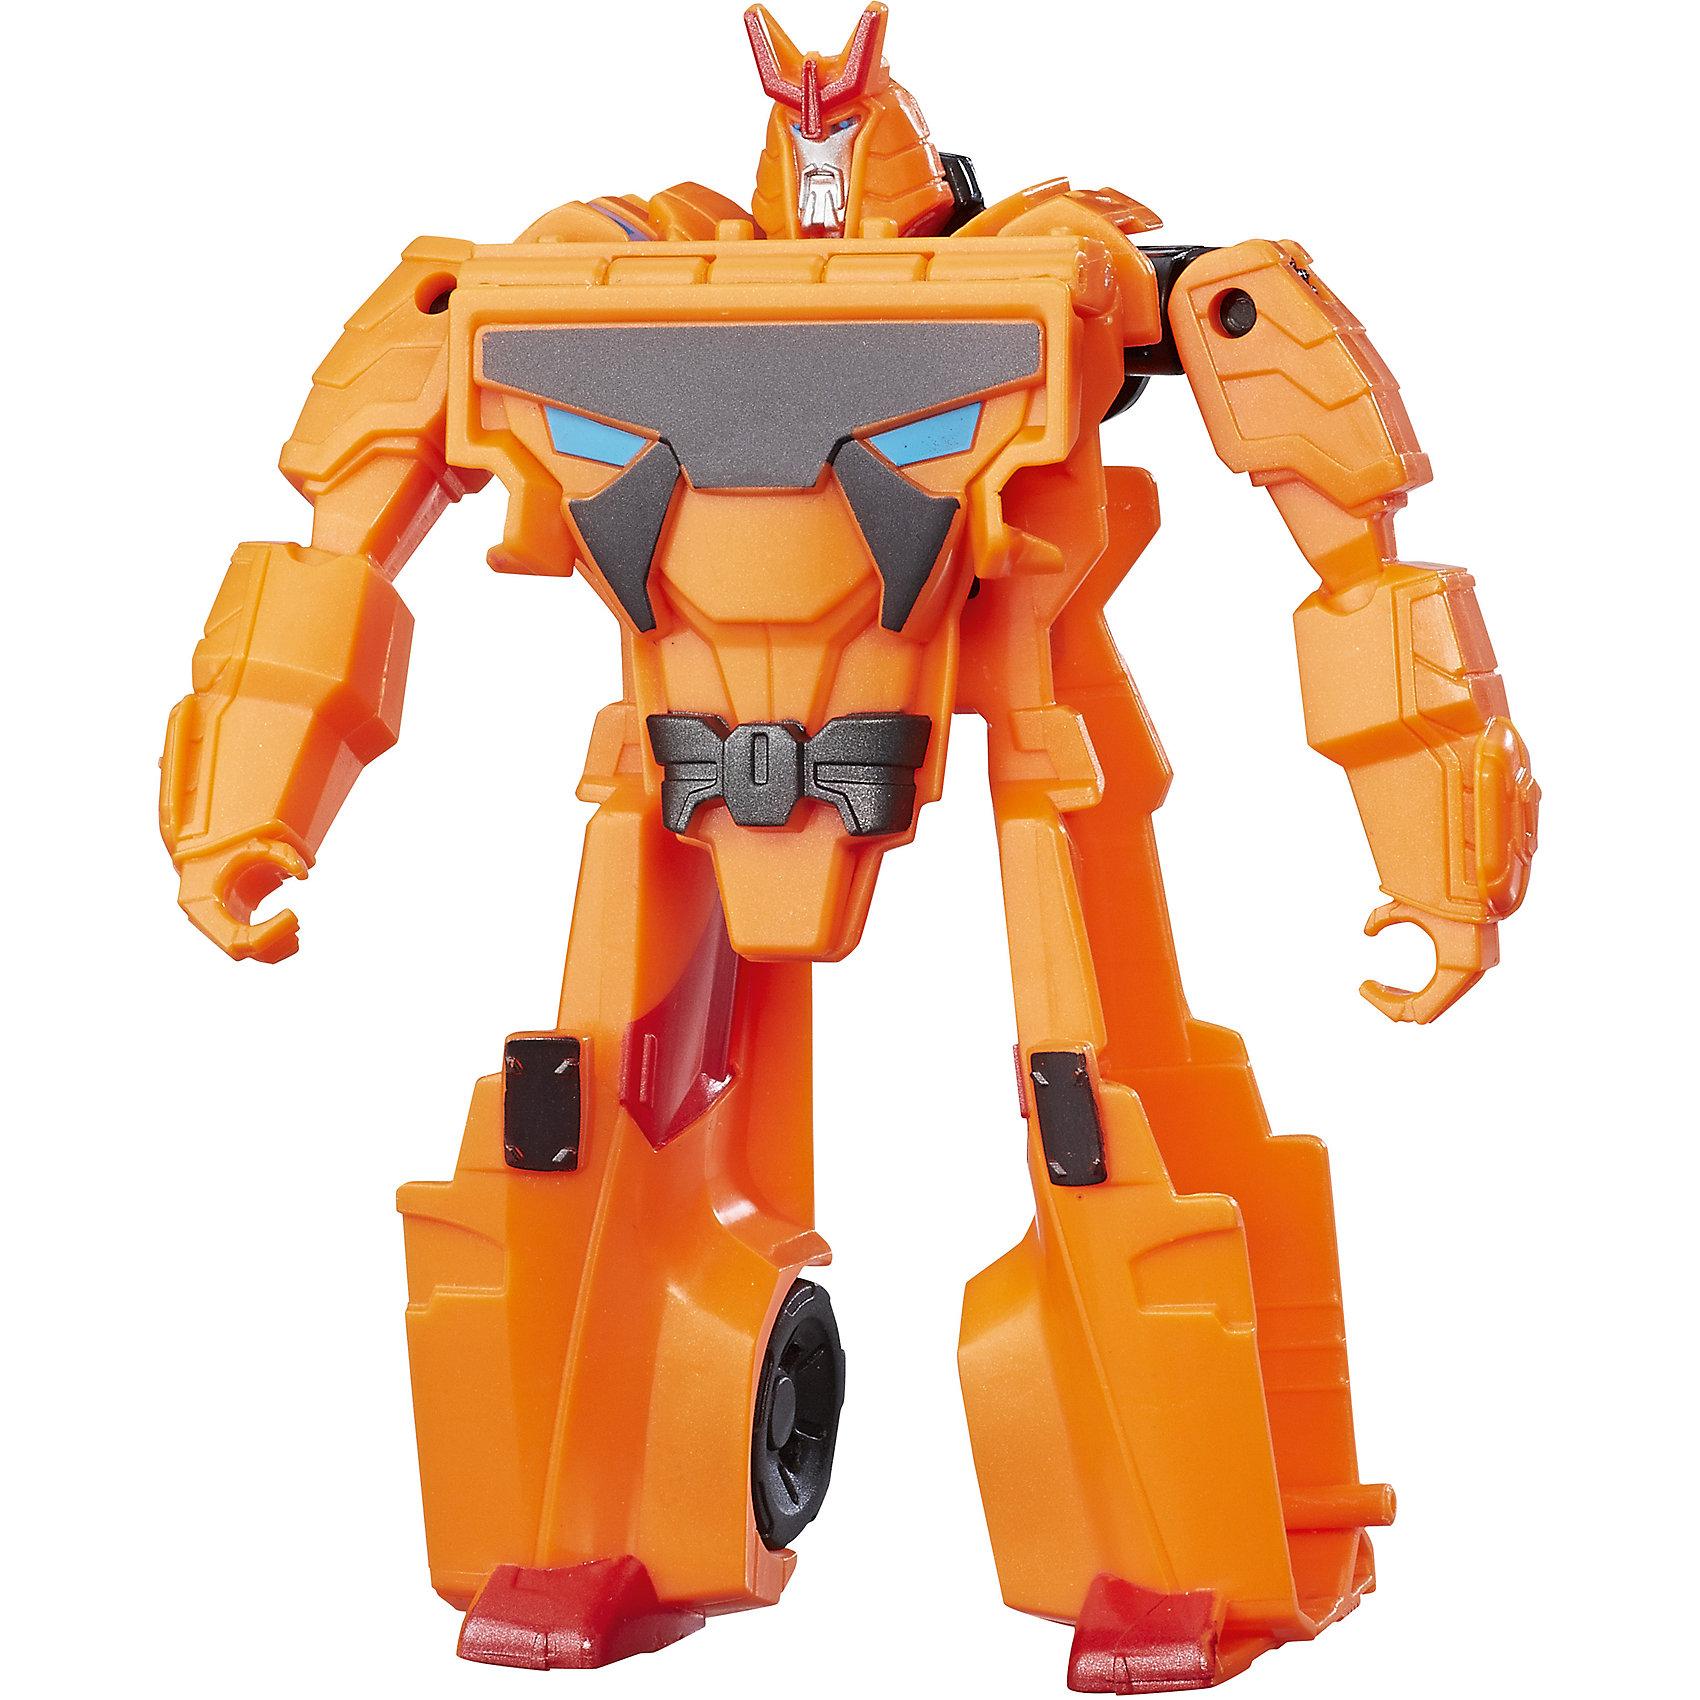 Трансформеры Роботс-ин-Дисгайс Уан-Стэп, B0068/C0647Любимые герои<br>Характеристики:<br><br>• Материал: пластик<br>• Комплектация: робот-трансформер, аксессуары<br>• Высота робота ?11 см<br>• Трансформируется в гоночную машину за 1 шаг<br>• На игрушке имеется сканируемый жетон<br>• Вес в упаковке: 97 г<br>• Размеры упаковки (Г*Ш*В): 17,6*15,2*4,8 см<br>• Упаковка: блистер на картонной подложке<br><br>Роботы этой коллекции за один шаг трансформируются в гоночные автомобили с инерционным механизмом. Фигурки героев выполнены из твердого пластика, устойчивого к повреждениям и трещинам, детали окрашены нетоксичной краской без запаха. Робот выполнен с высокой степенью достоверности и соответствия облику своего экранного прототипа.<br><br>Трансформеры Роботс-ин-Дисгайс Уан-Стэп, B0068/C0647 можно купить в нашем интернет-магазине.<br><br>Ширина мм: 176<br>Глубина мм: 152<br>Высота мм: 48<br>Вес г: 97<br>Возраст от месяцев: 48<br>Возраст до месяцев: 2147483647<br>Пол: Мужской<br>Возраст: Детский<br>SKU: 5488318